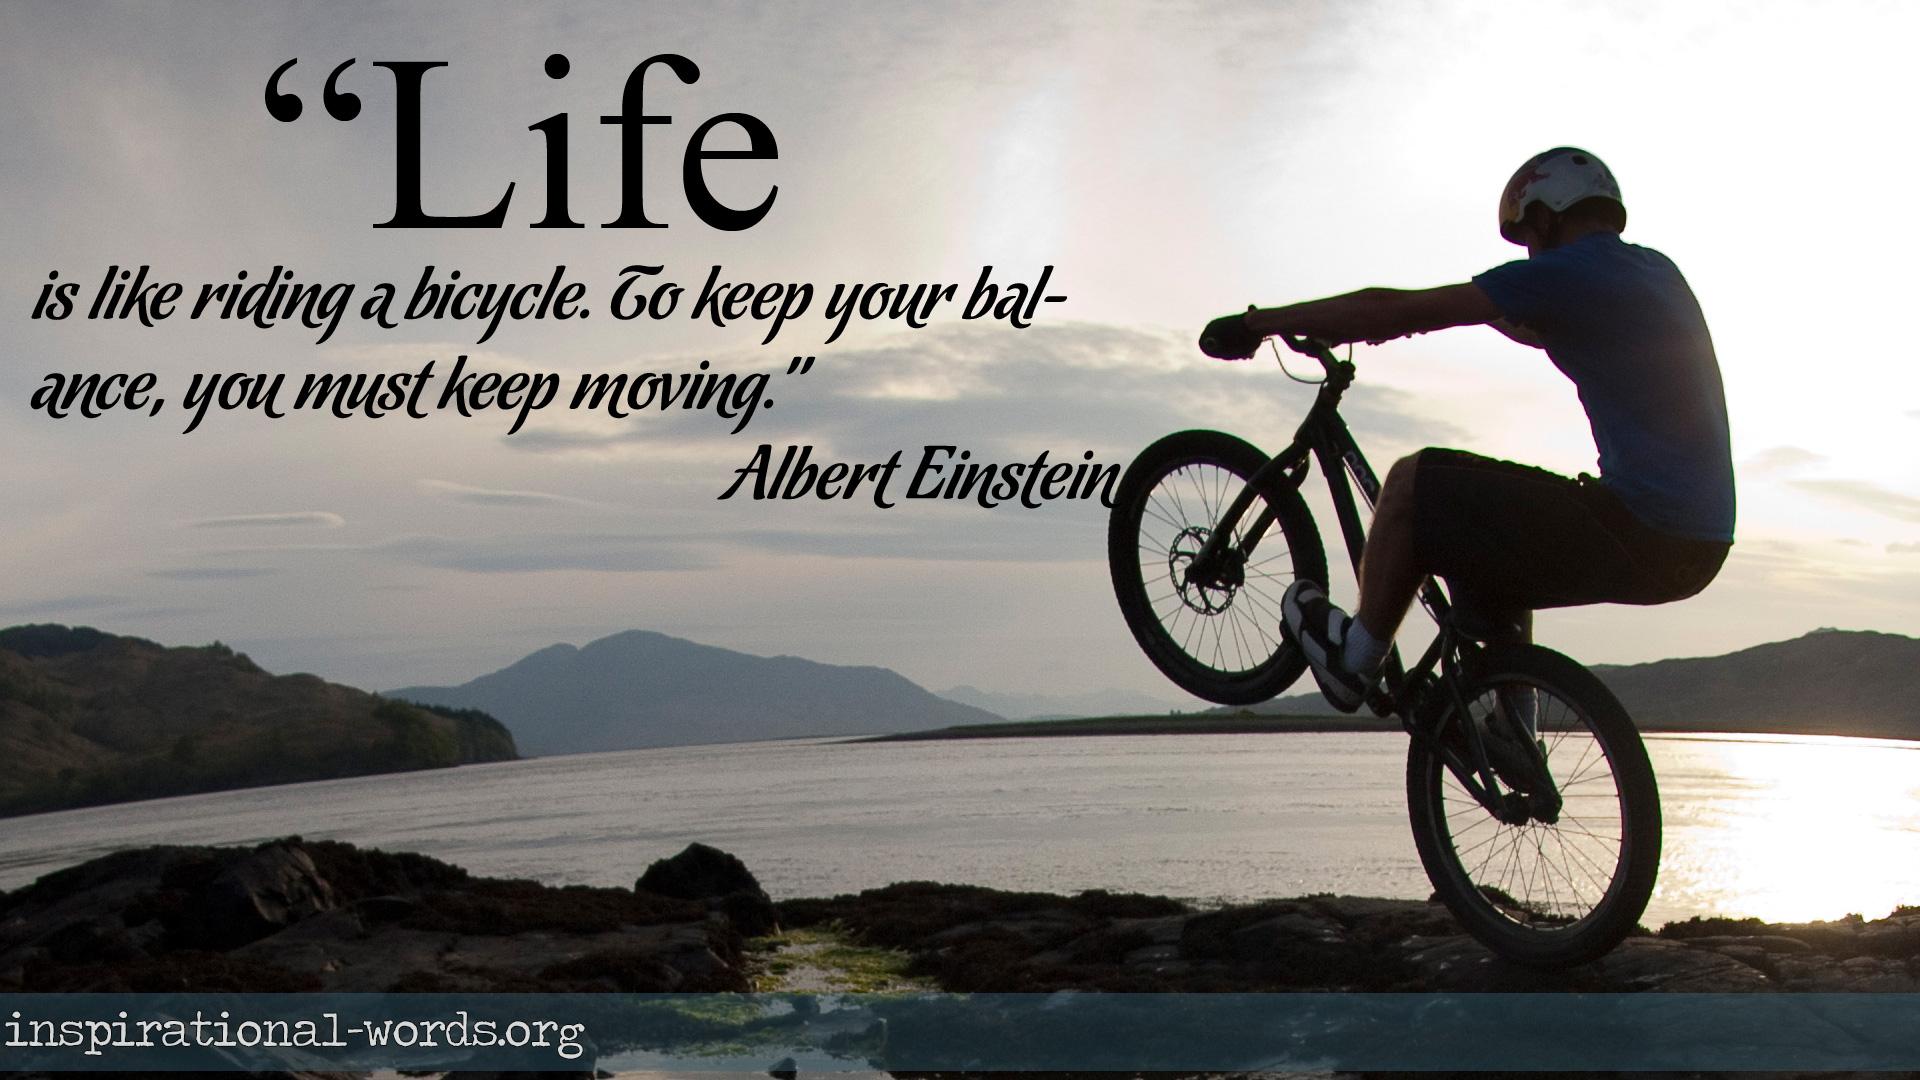 Inspirational Wallpaper Quote by Albert Einstein